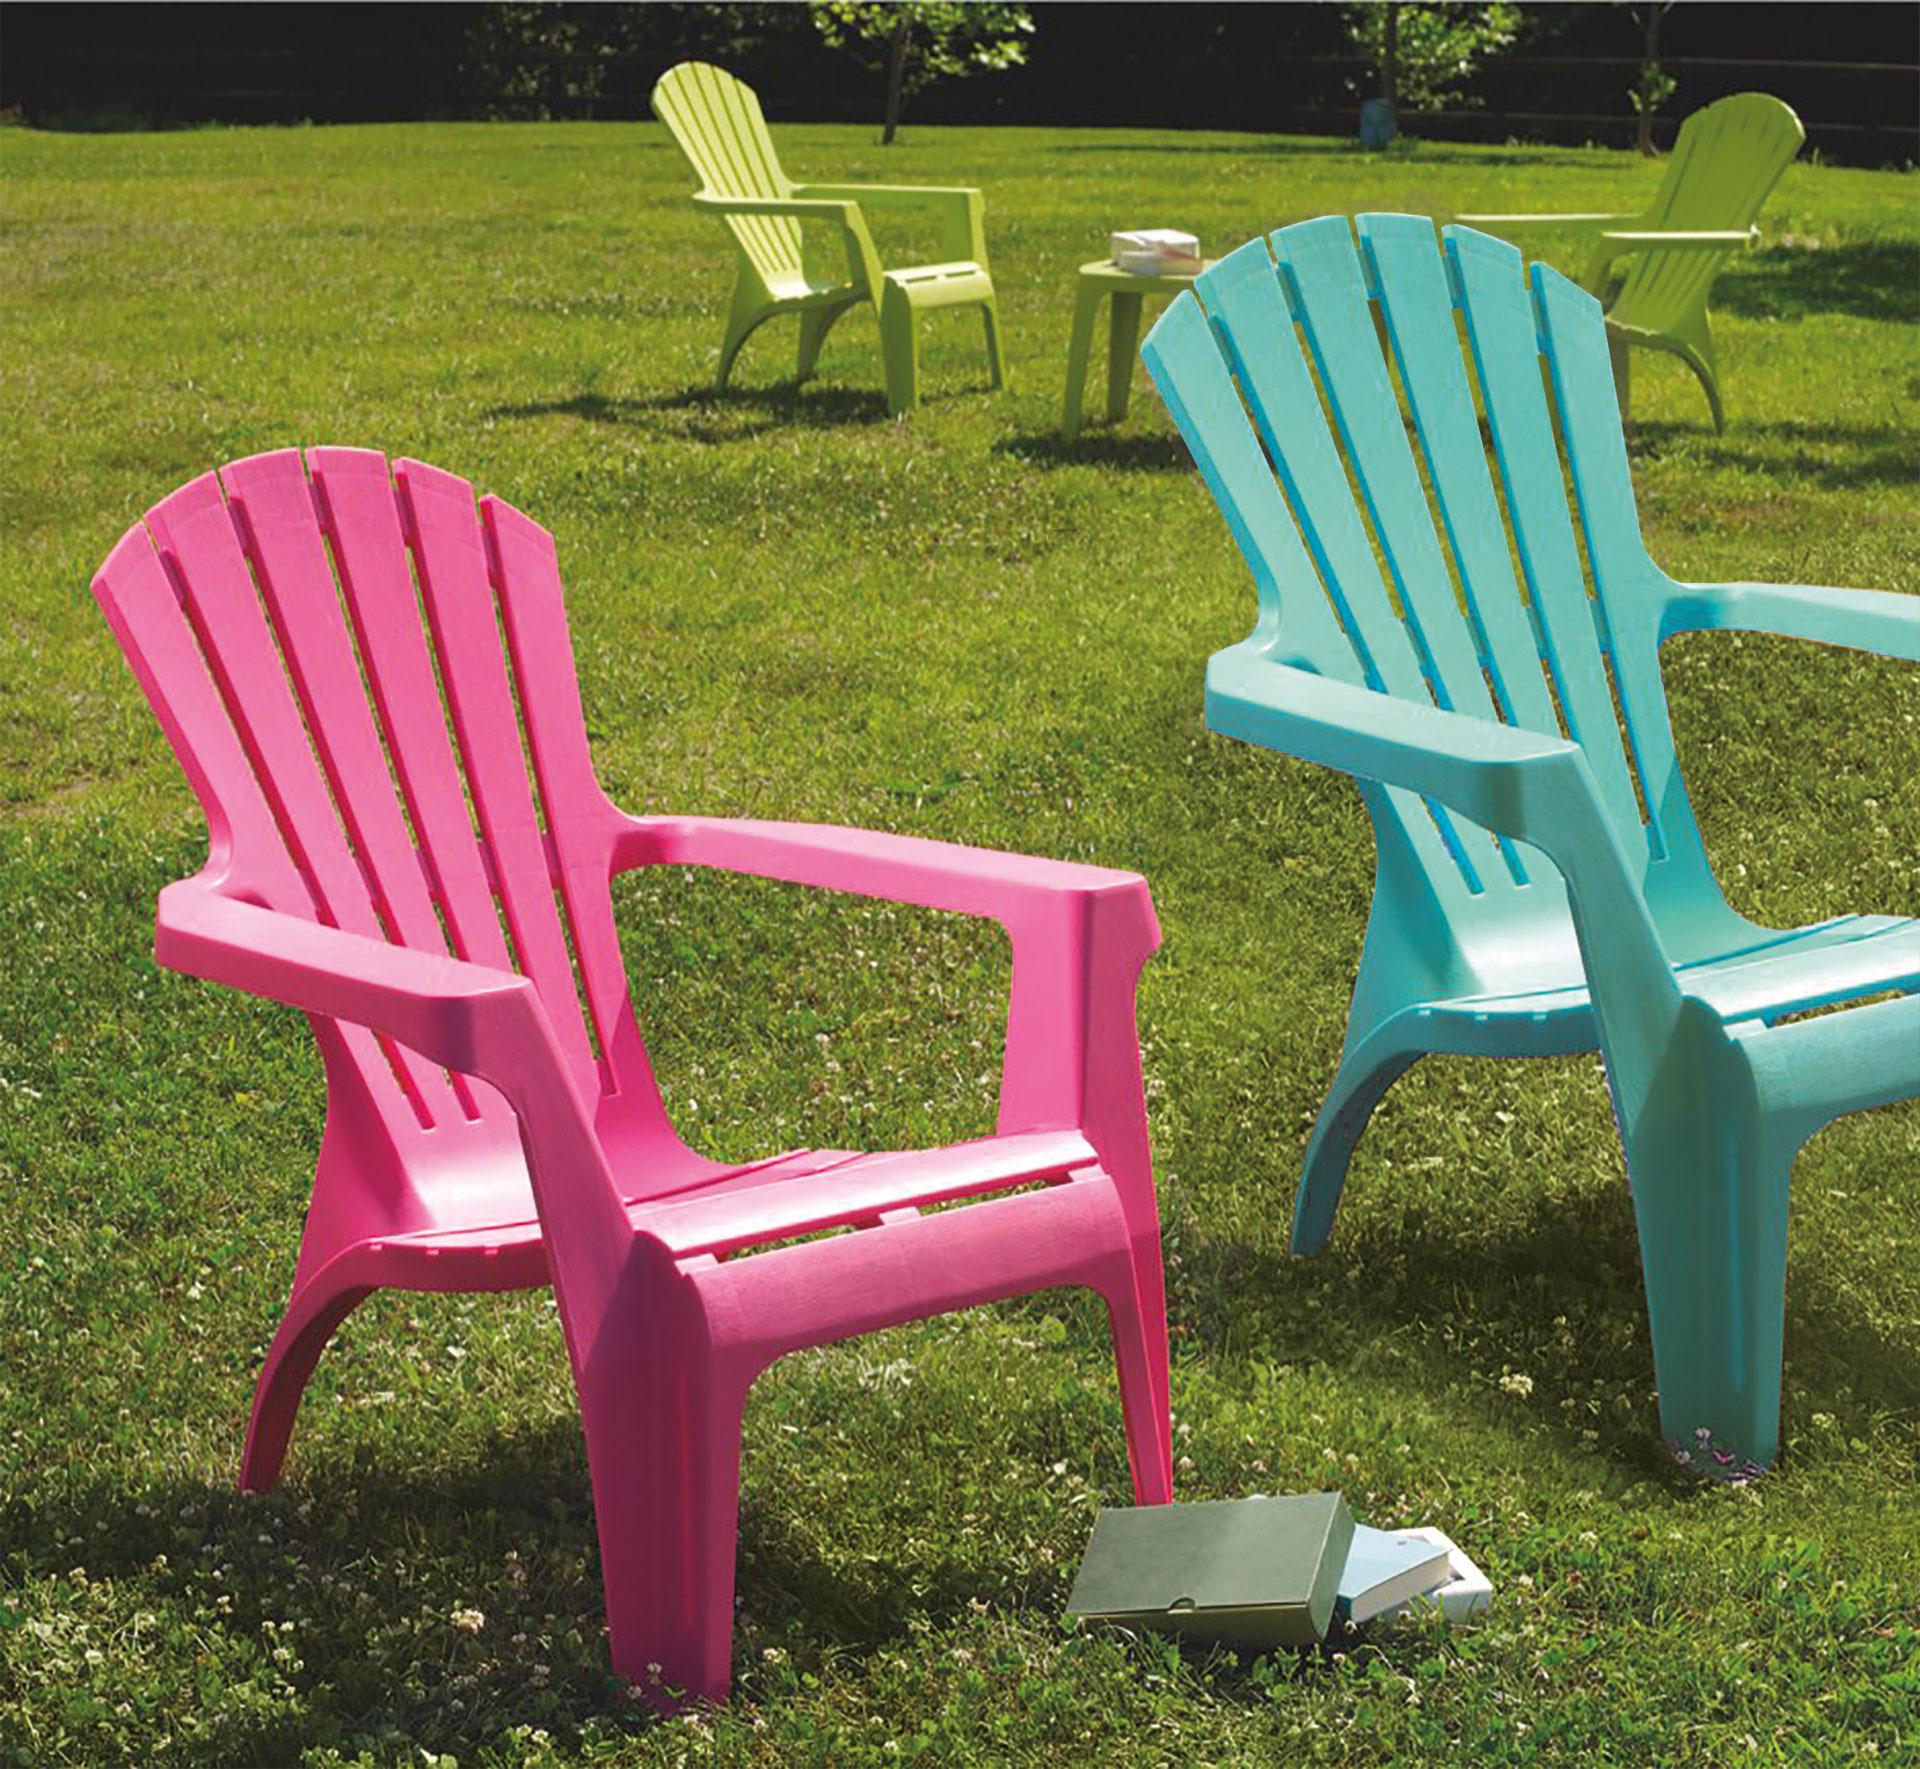 fauteuil bas de jardin dolomiti obtenez des id es int ressantes pour vos espaces. Black Bedroom Furniture Sets. Home Design Ideas